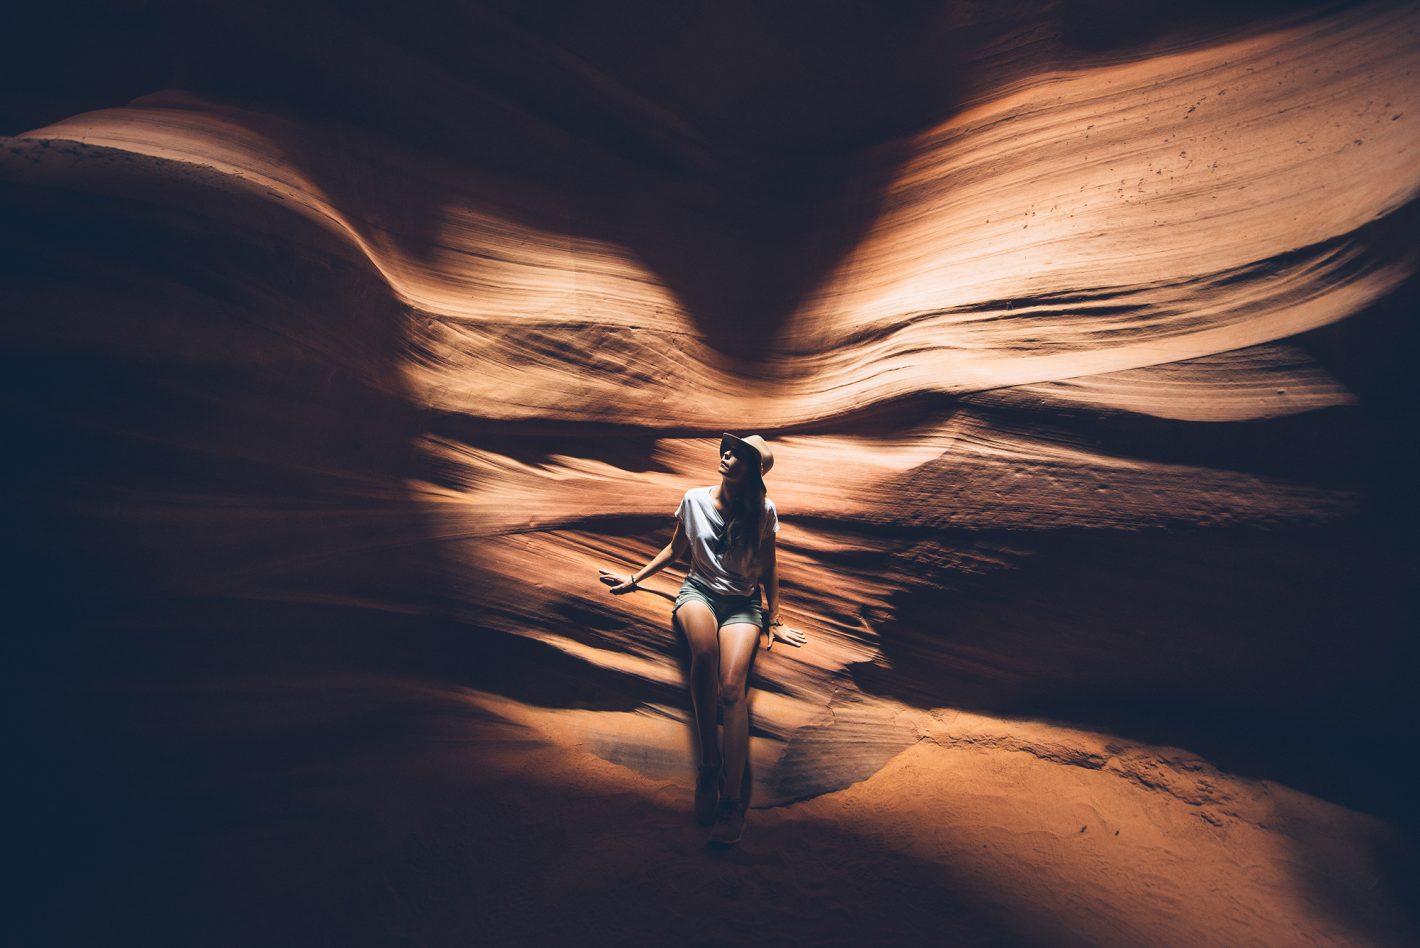 L'INSPIRATION VOYAGE DES BESTJOBERS N°2 : ÉCHAPPÉES DANS LE GRAND OUEST AMÉRICAIN - Antelope Canyon